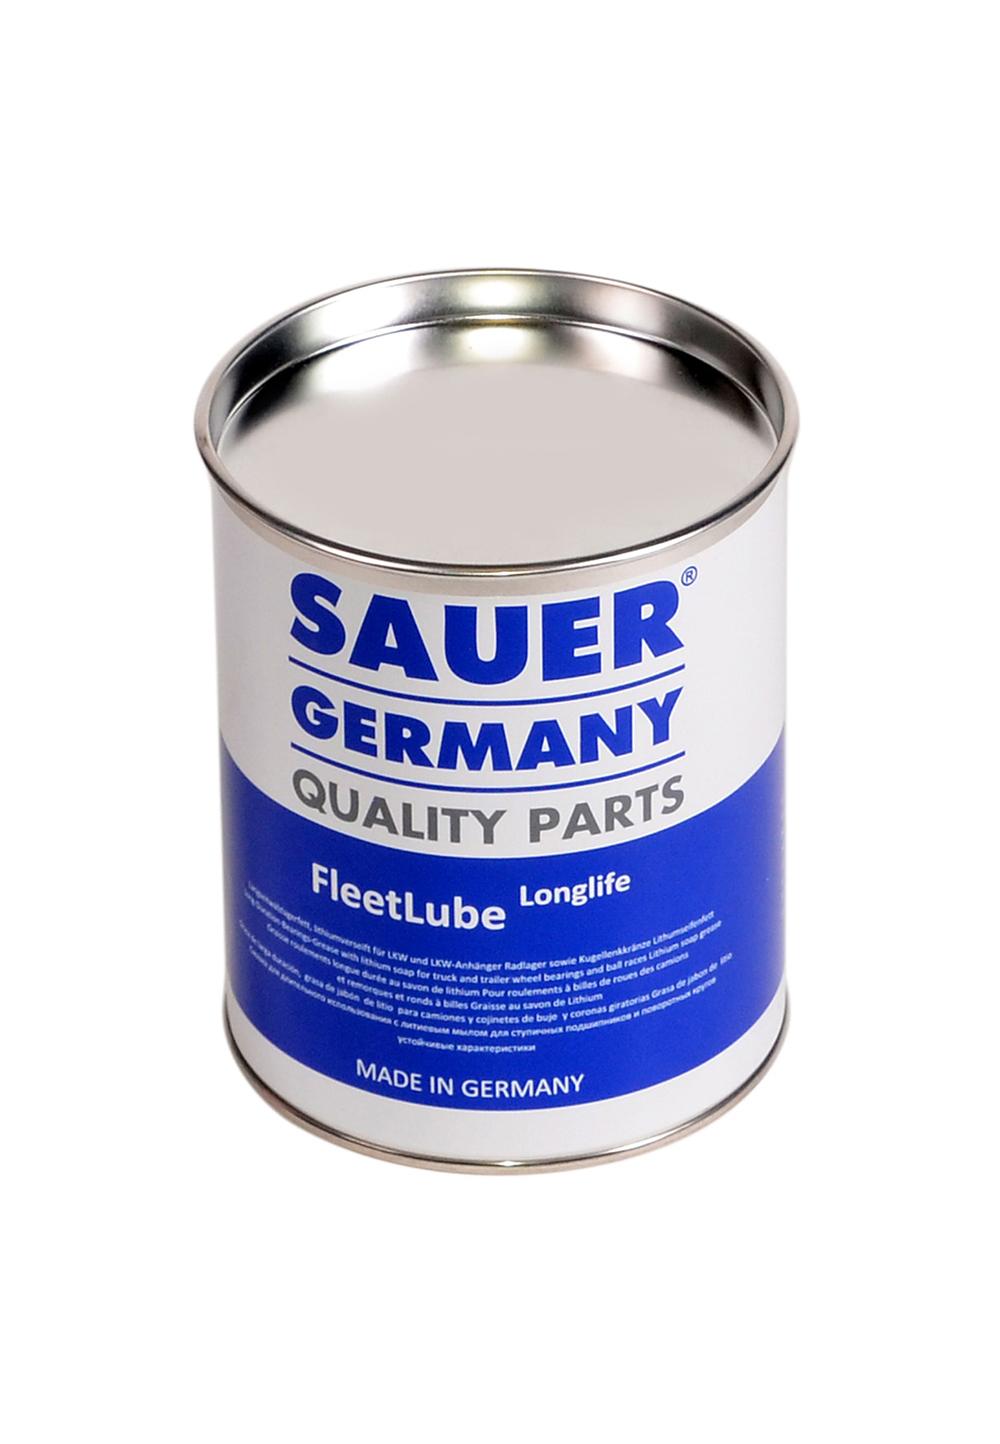 saf-holland_sauer_fleetlube-1.jpg